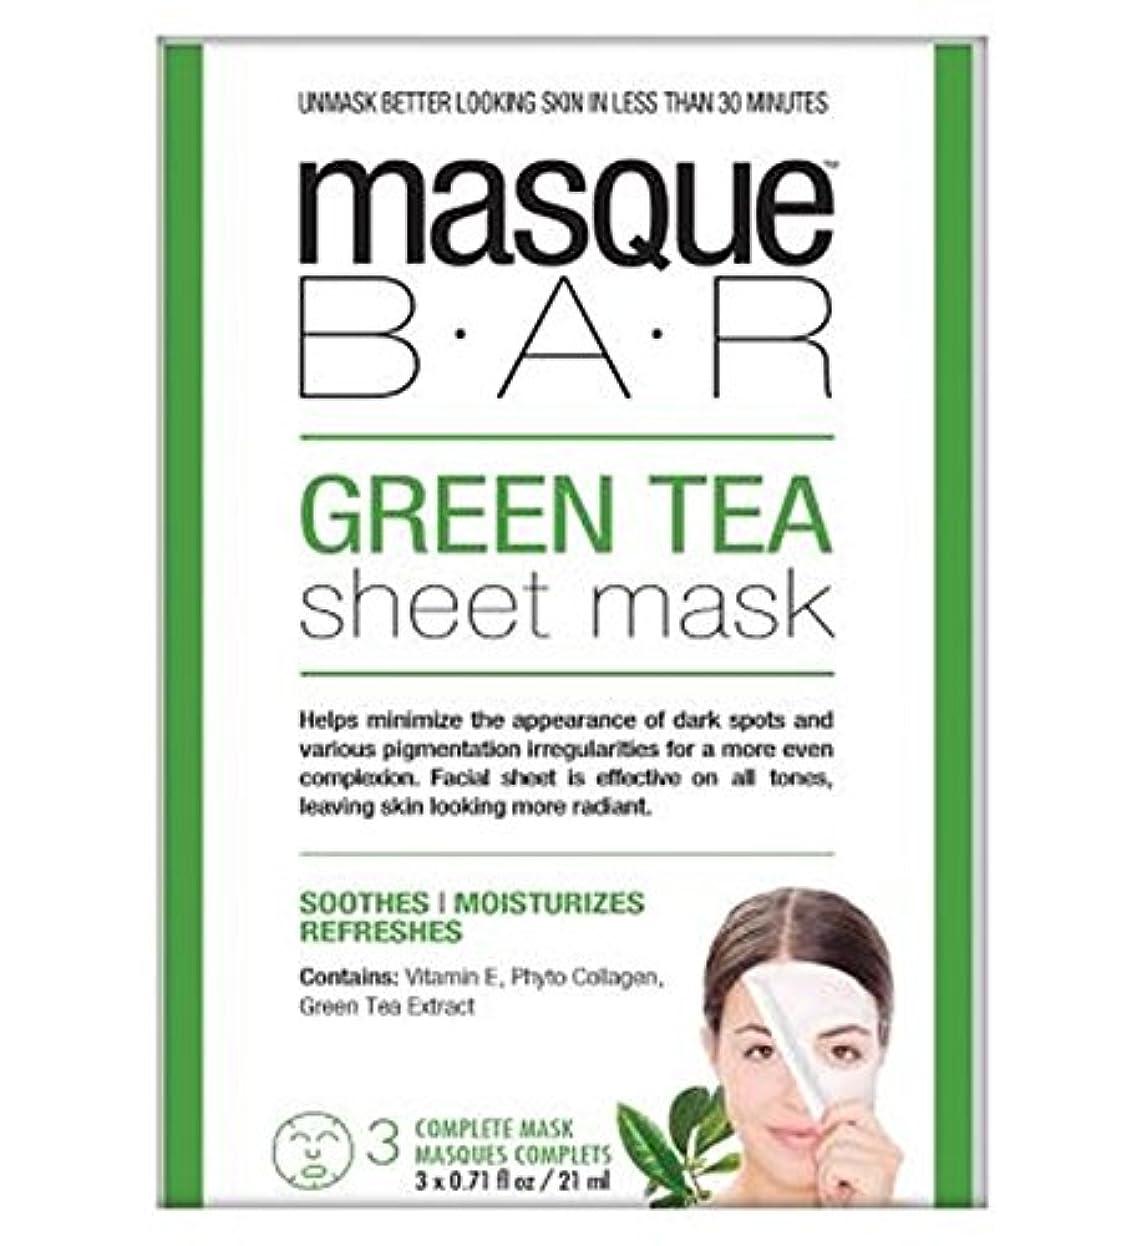 丁寧ペイント地域Masque Bar Green Tea Sheet Mask - 3 complete masks - 仮面劇バー緑茶シートマスク - 3完全なマスク (P6B Masque Bar Bt) [並行輸入品]